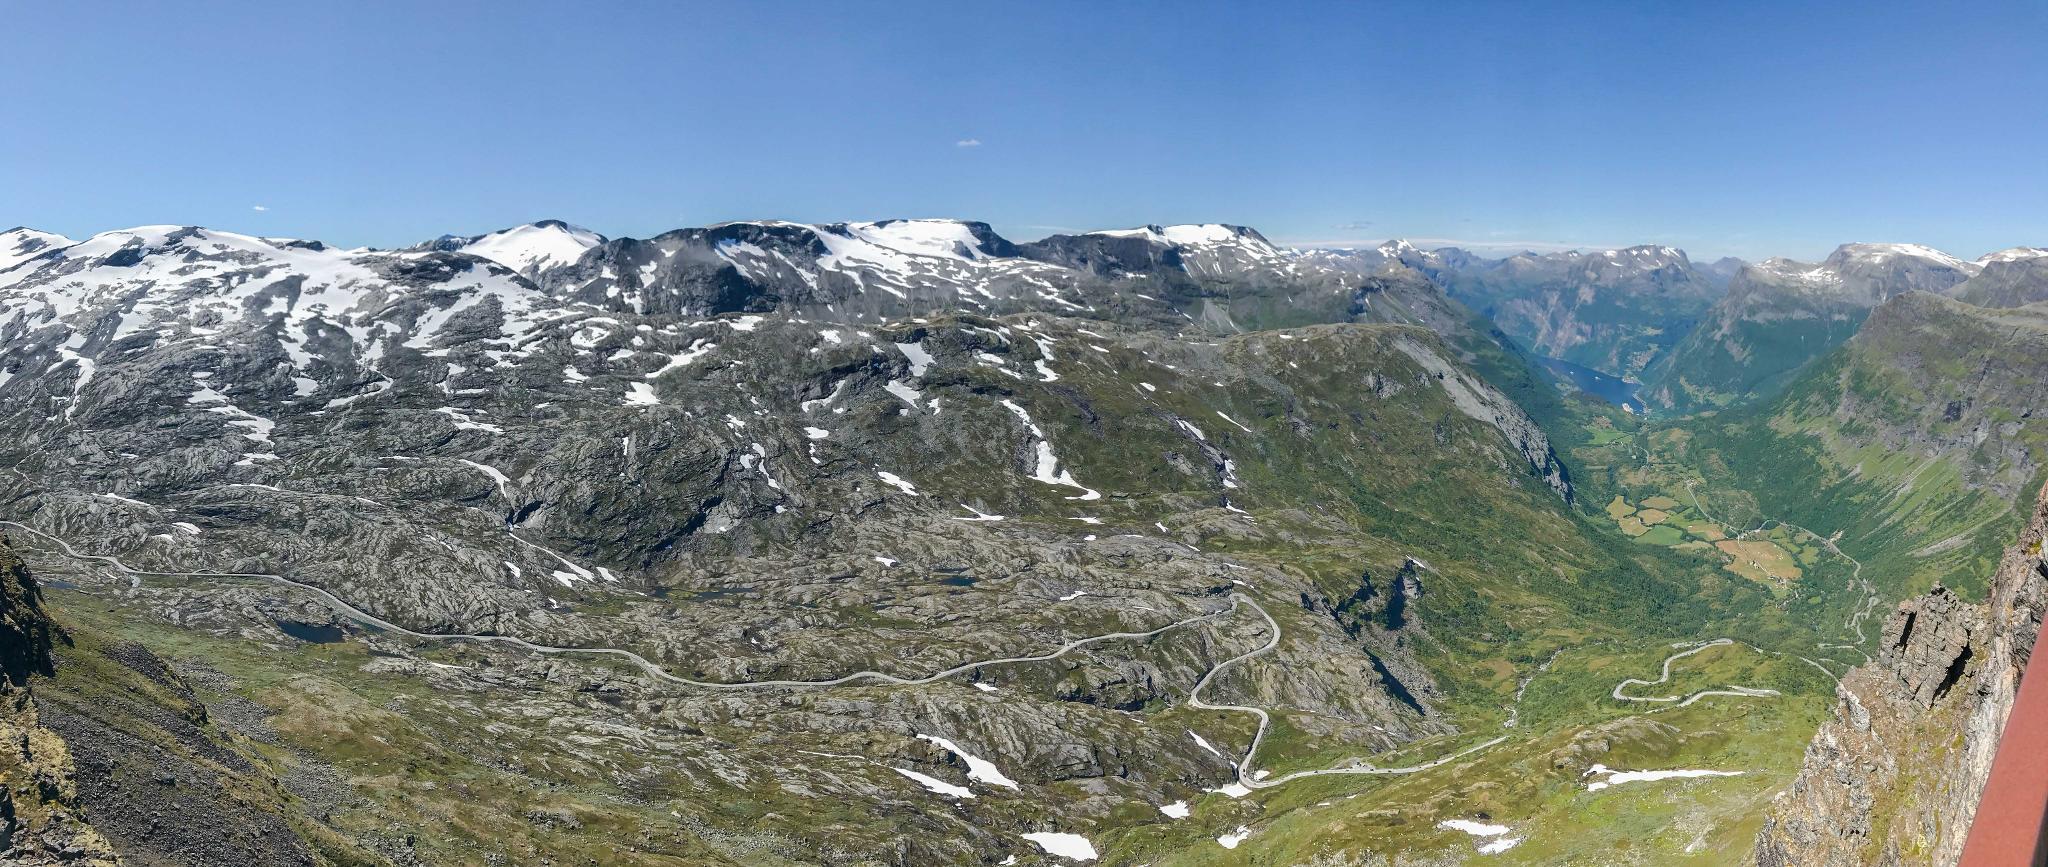 【北歐景點】歐洲最震撼的峽灣觀景台 — Dalsnibba Mountain Plateau 20